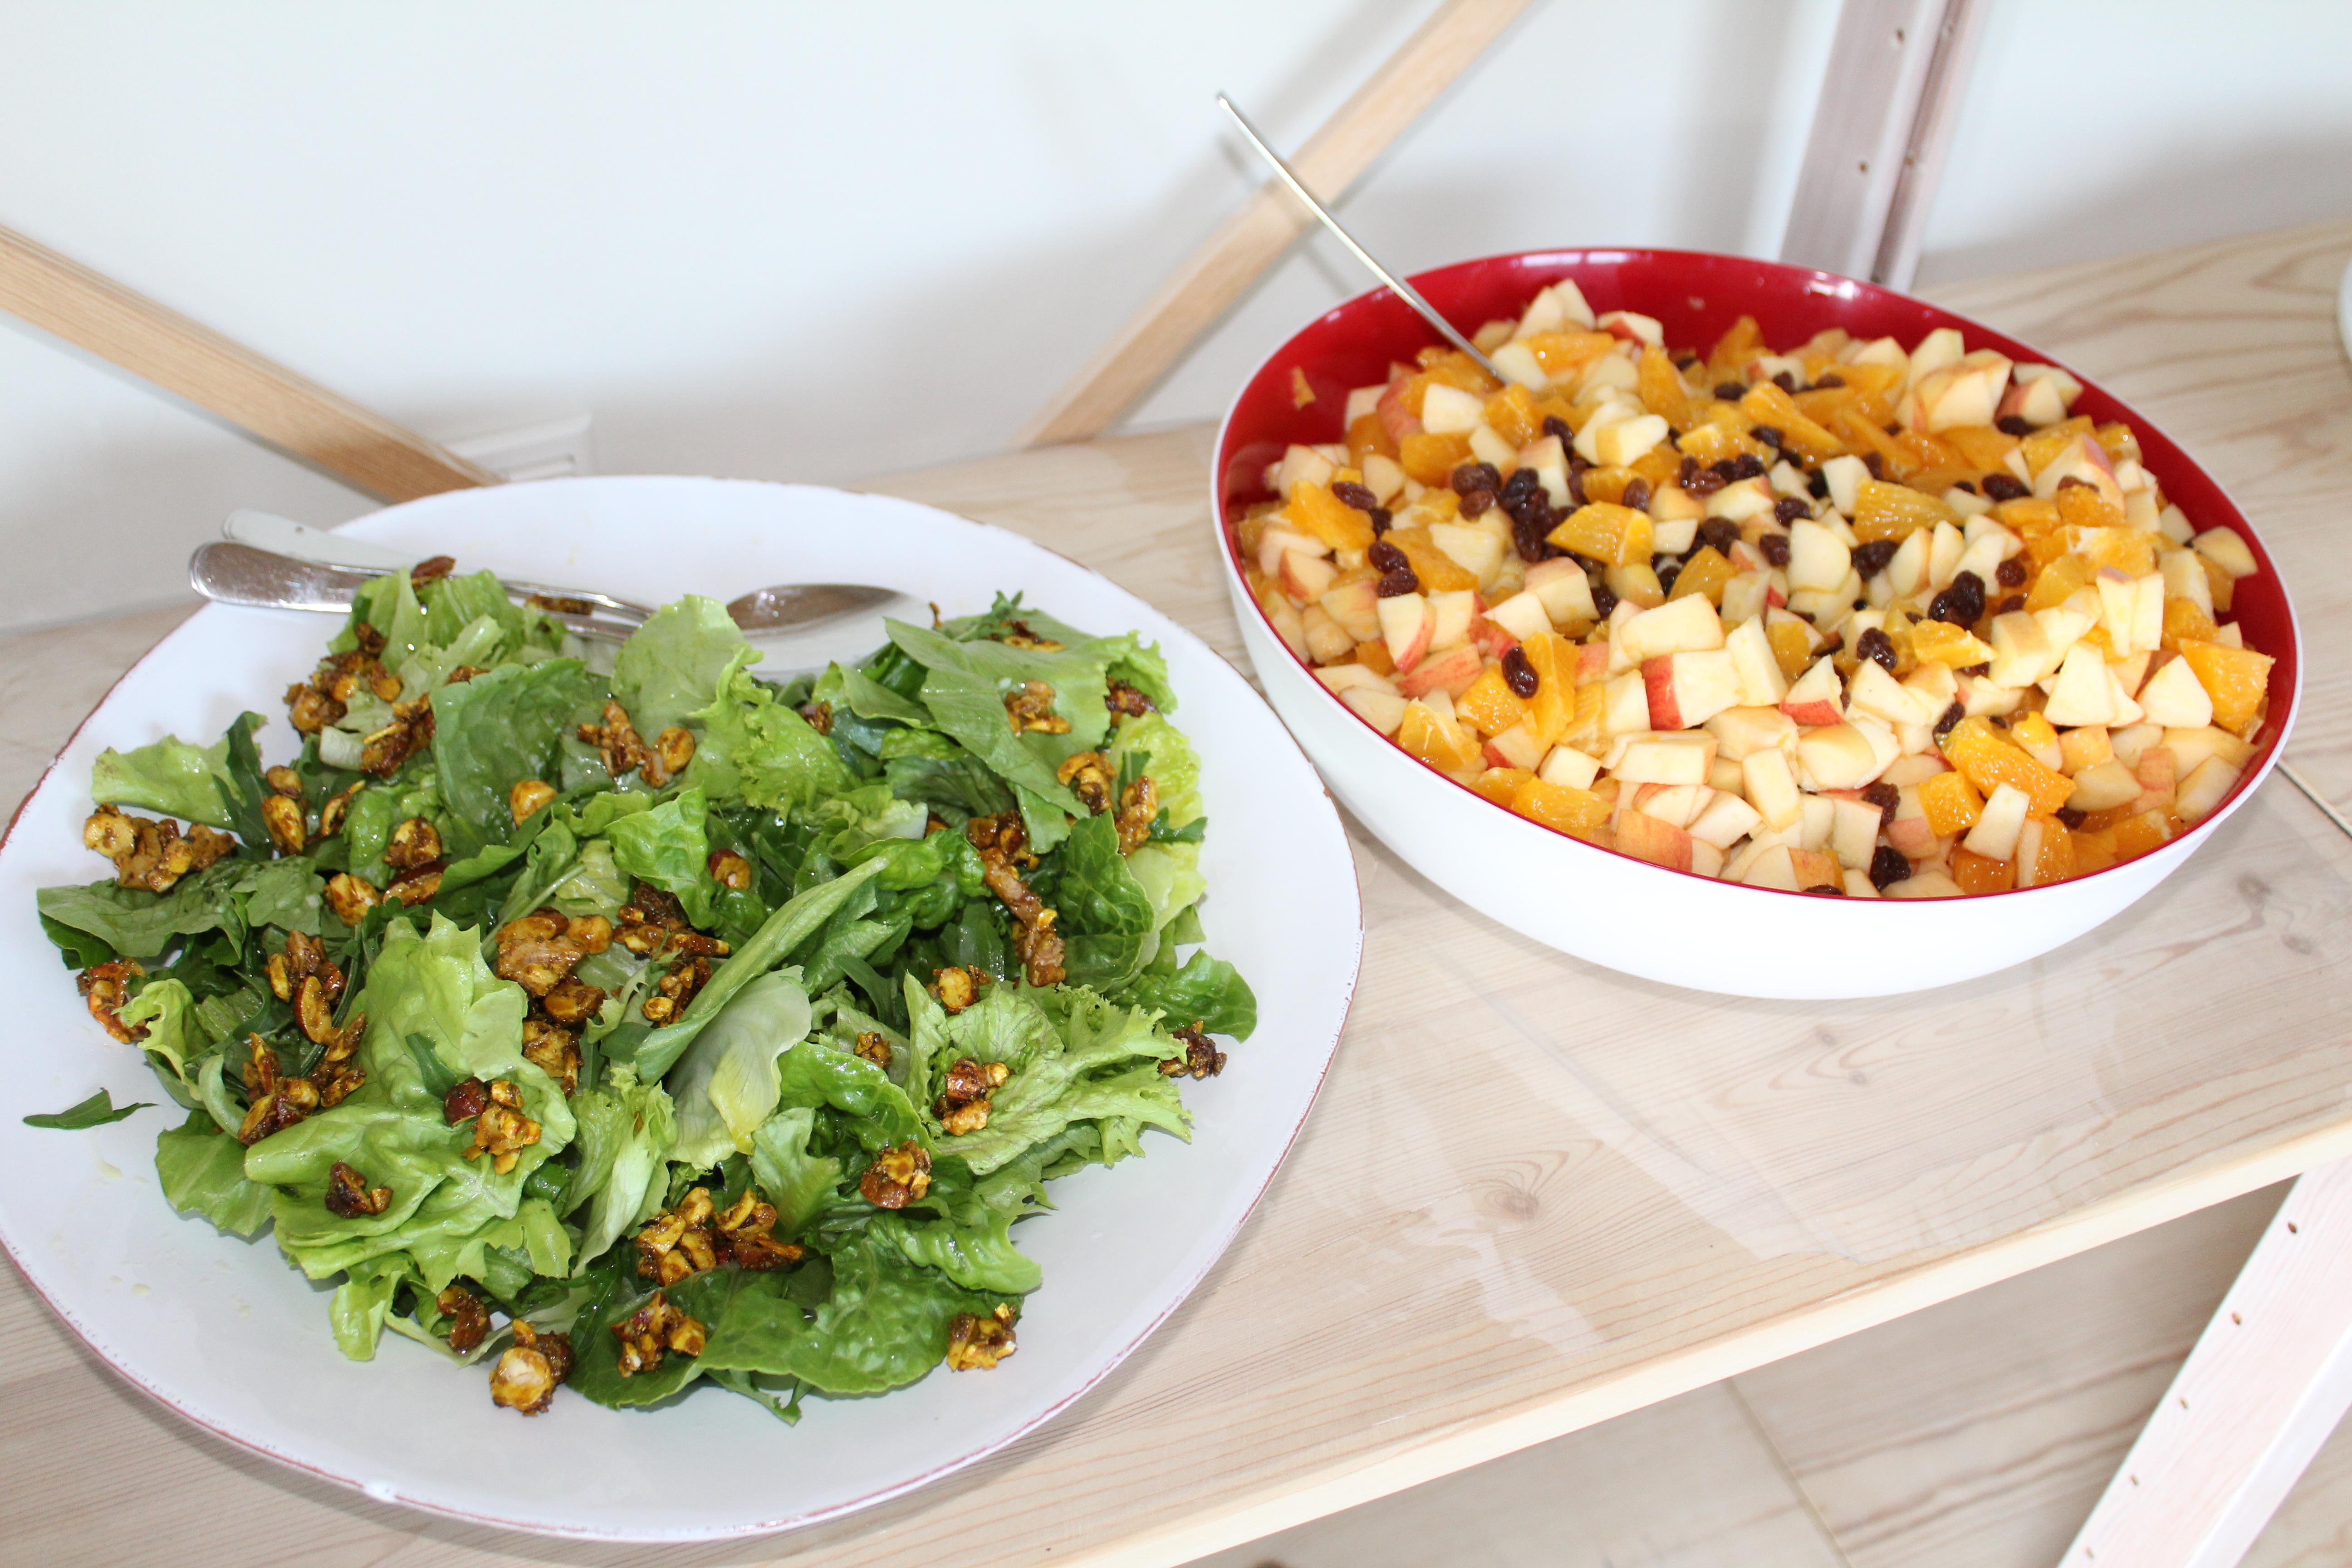 Grøn salat med krydrede nødder og salat med æbler og appelsiner til hovedret